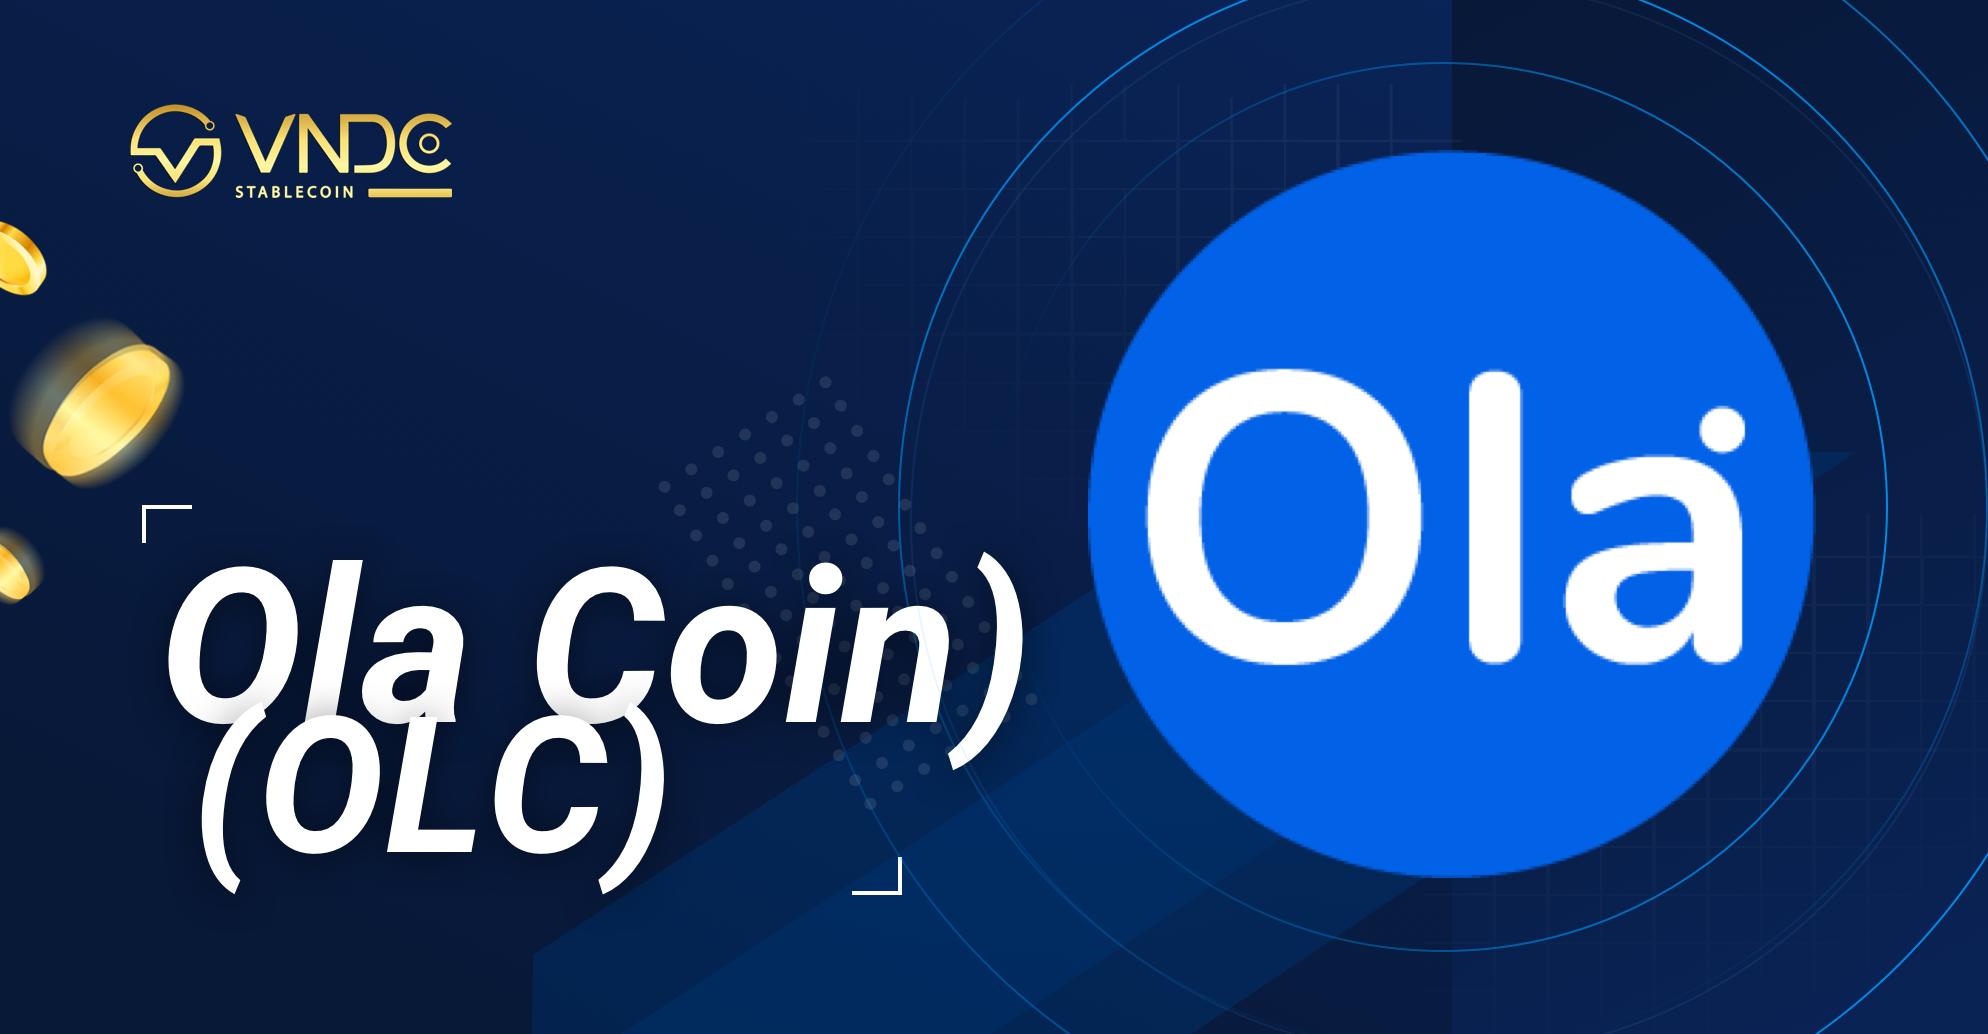 OLC (Ola Coin) chính thức được niêm yết trên VNDC Wallet